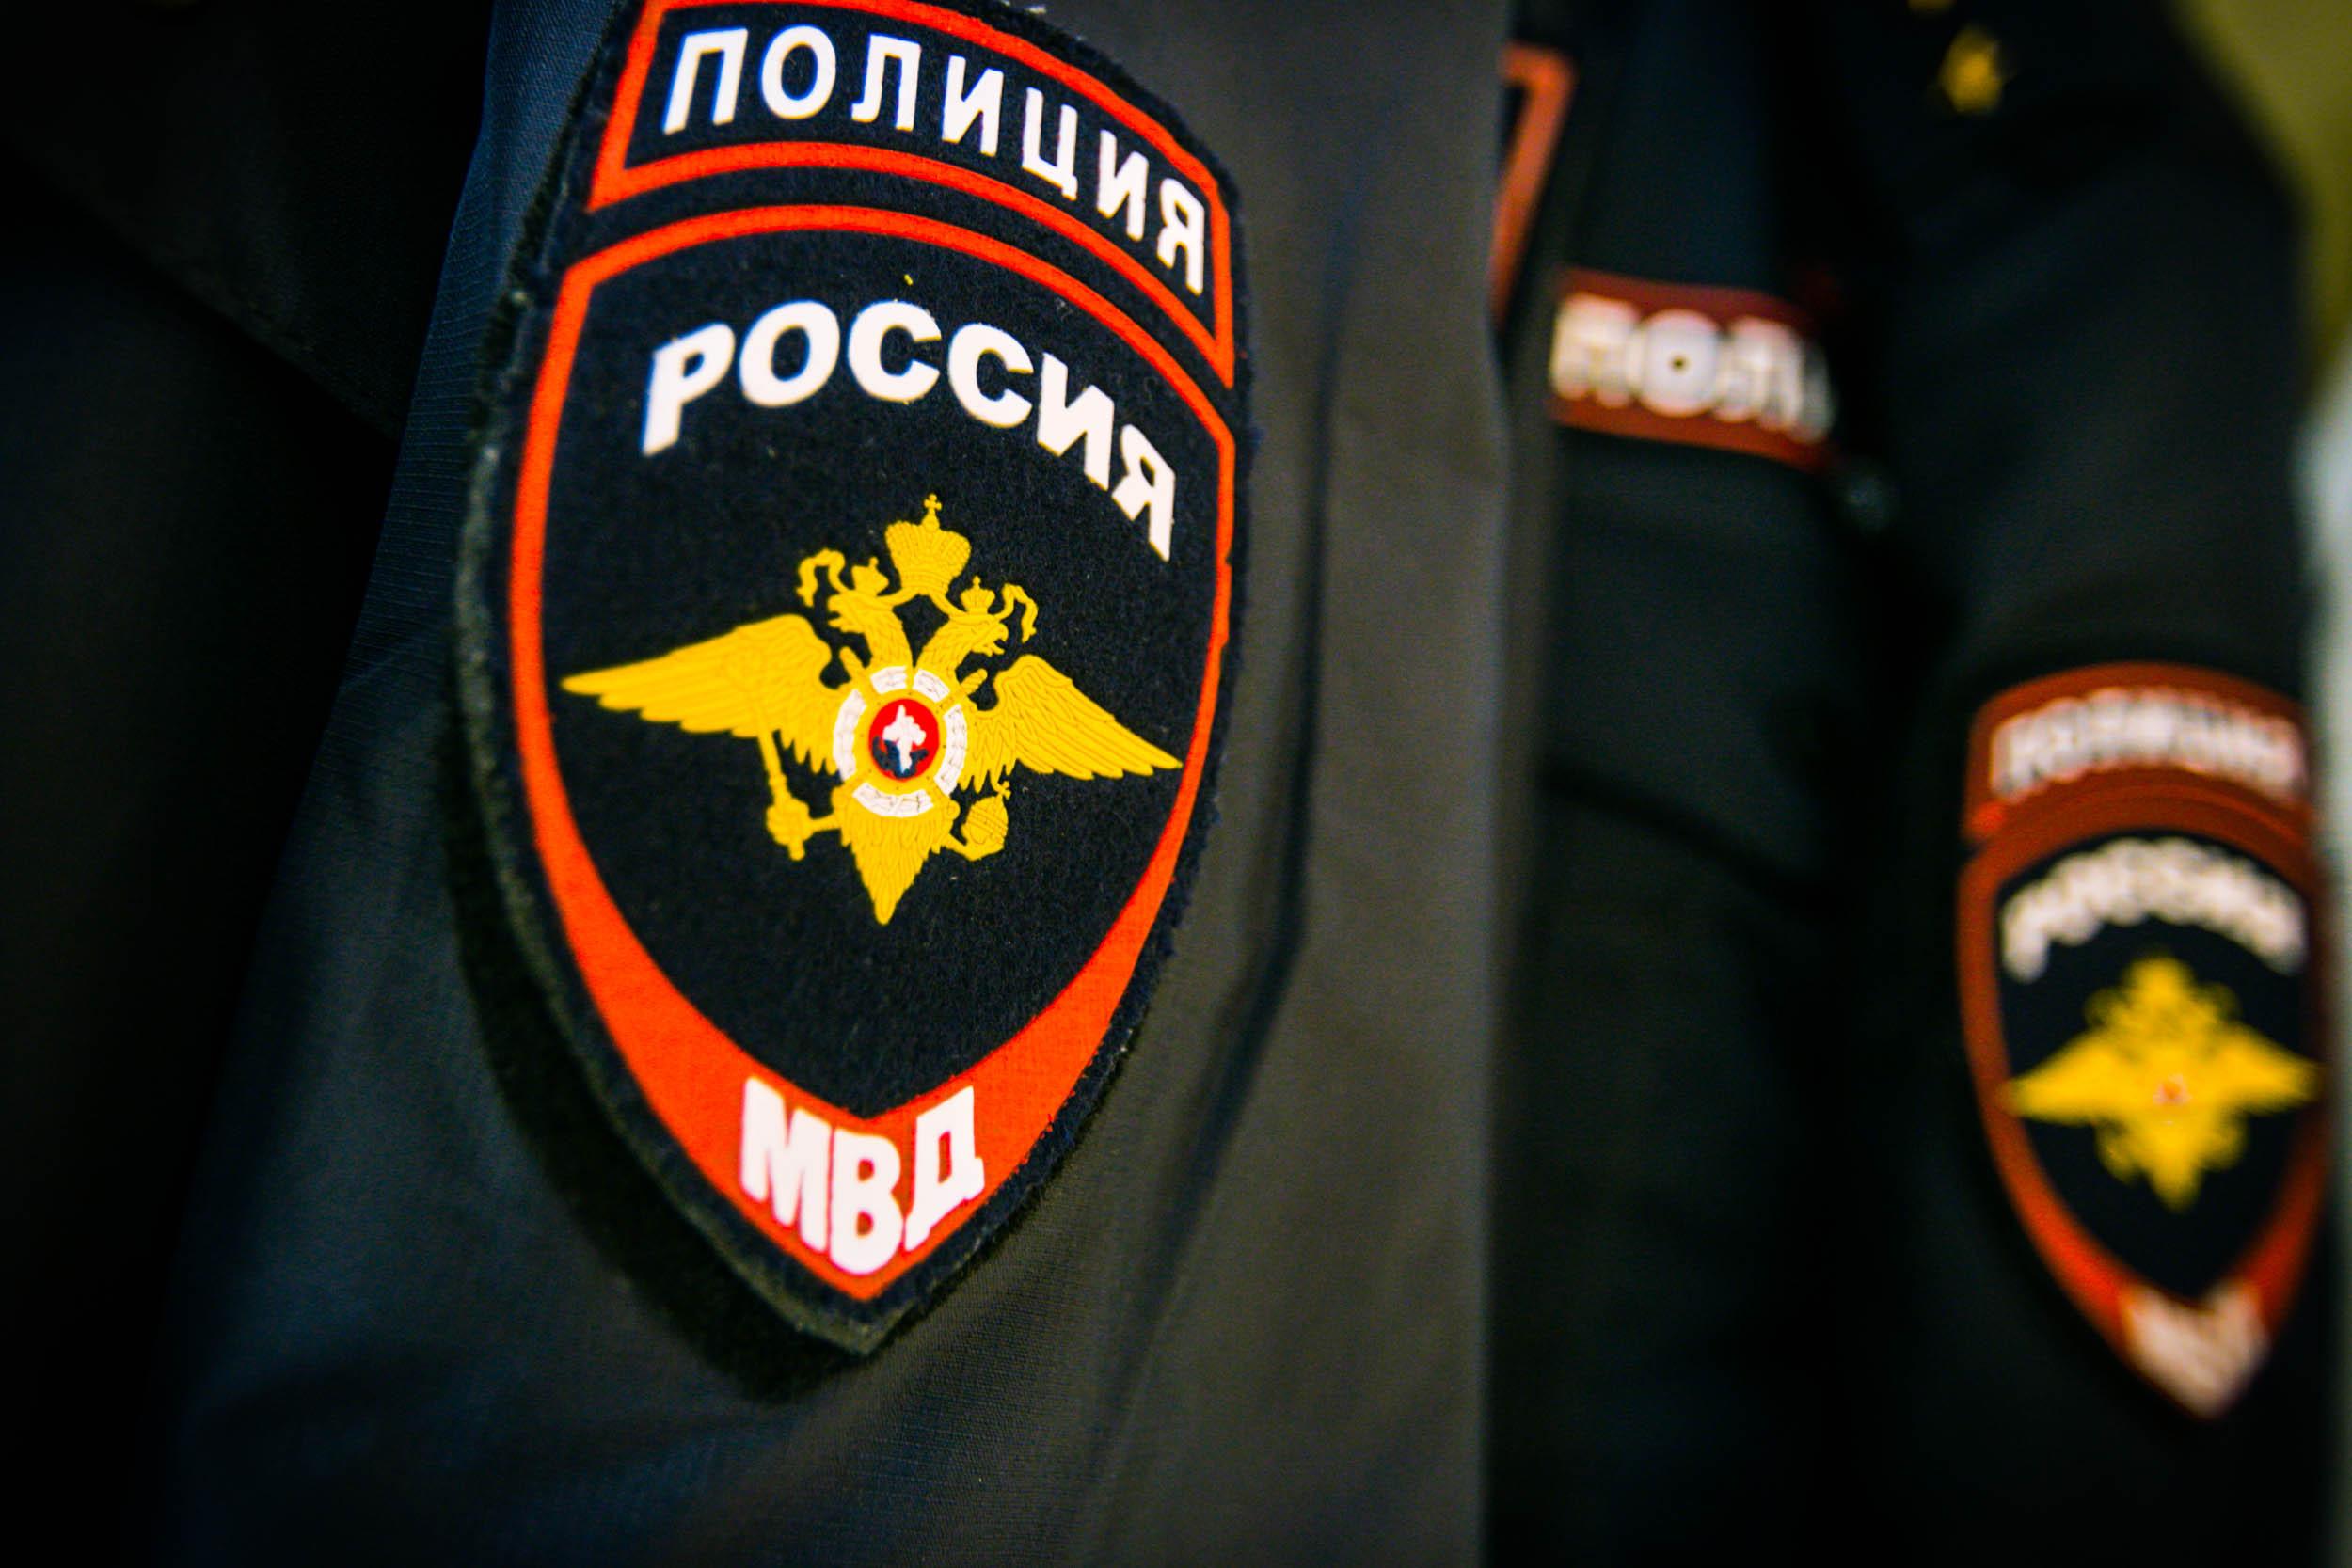 Петербург: ВДТП с грузовым автомобилем наКолпинском шоссе погибли три женщины